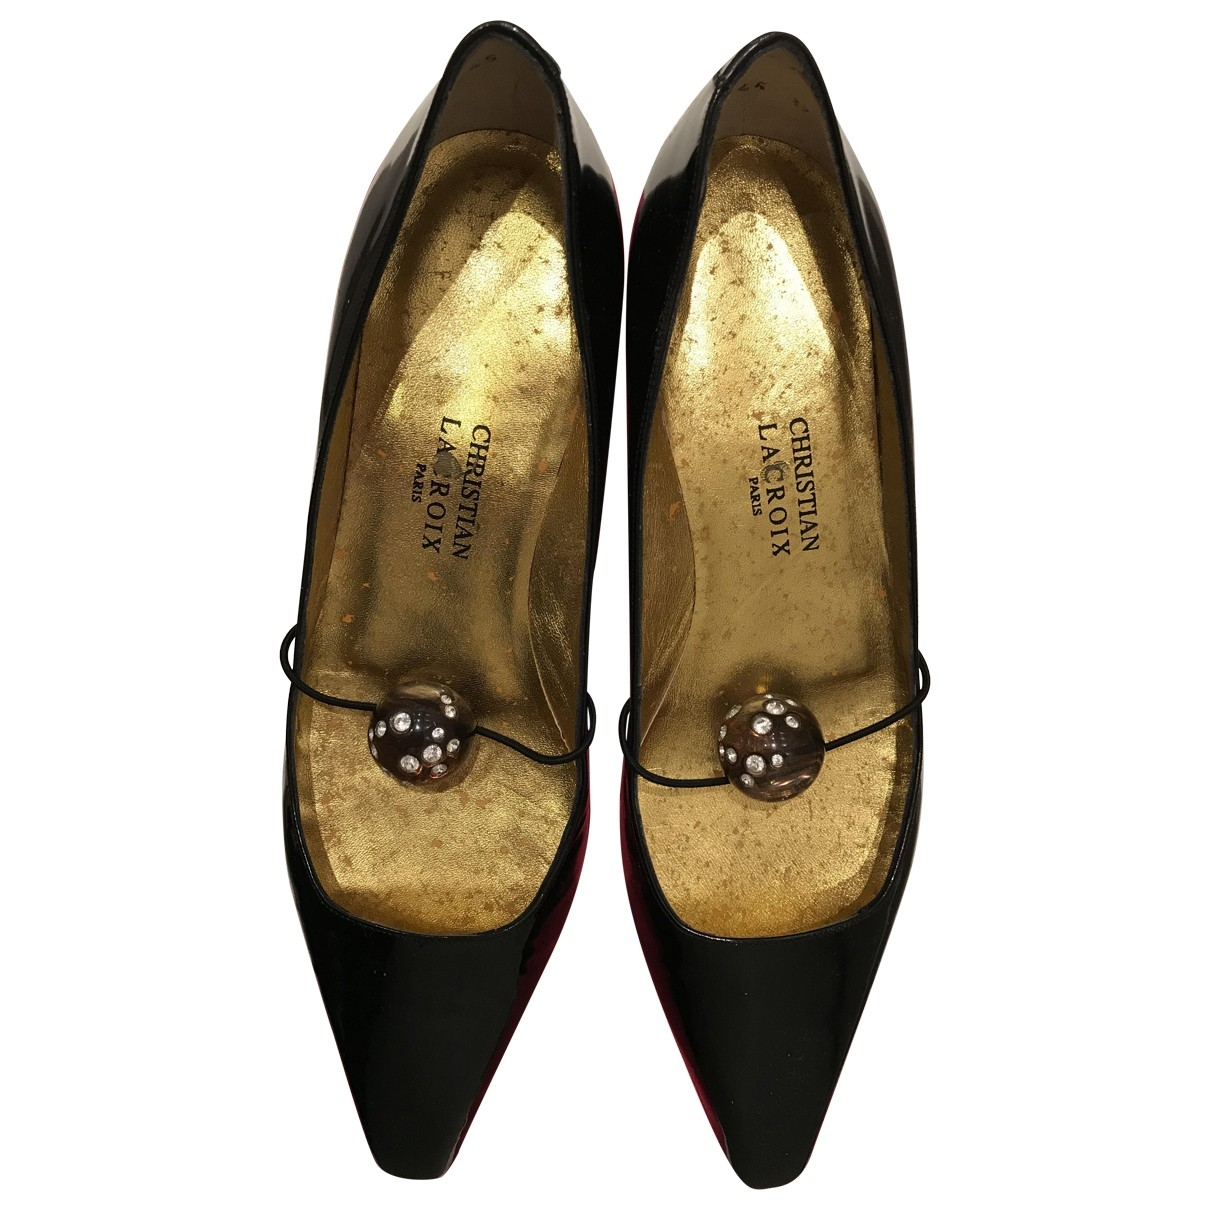 Christian Lacroix \N Black Patent leather Ballet flats for Women 37 EU